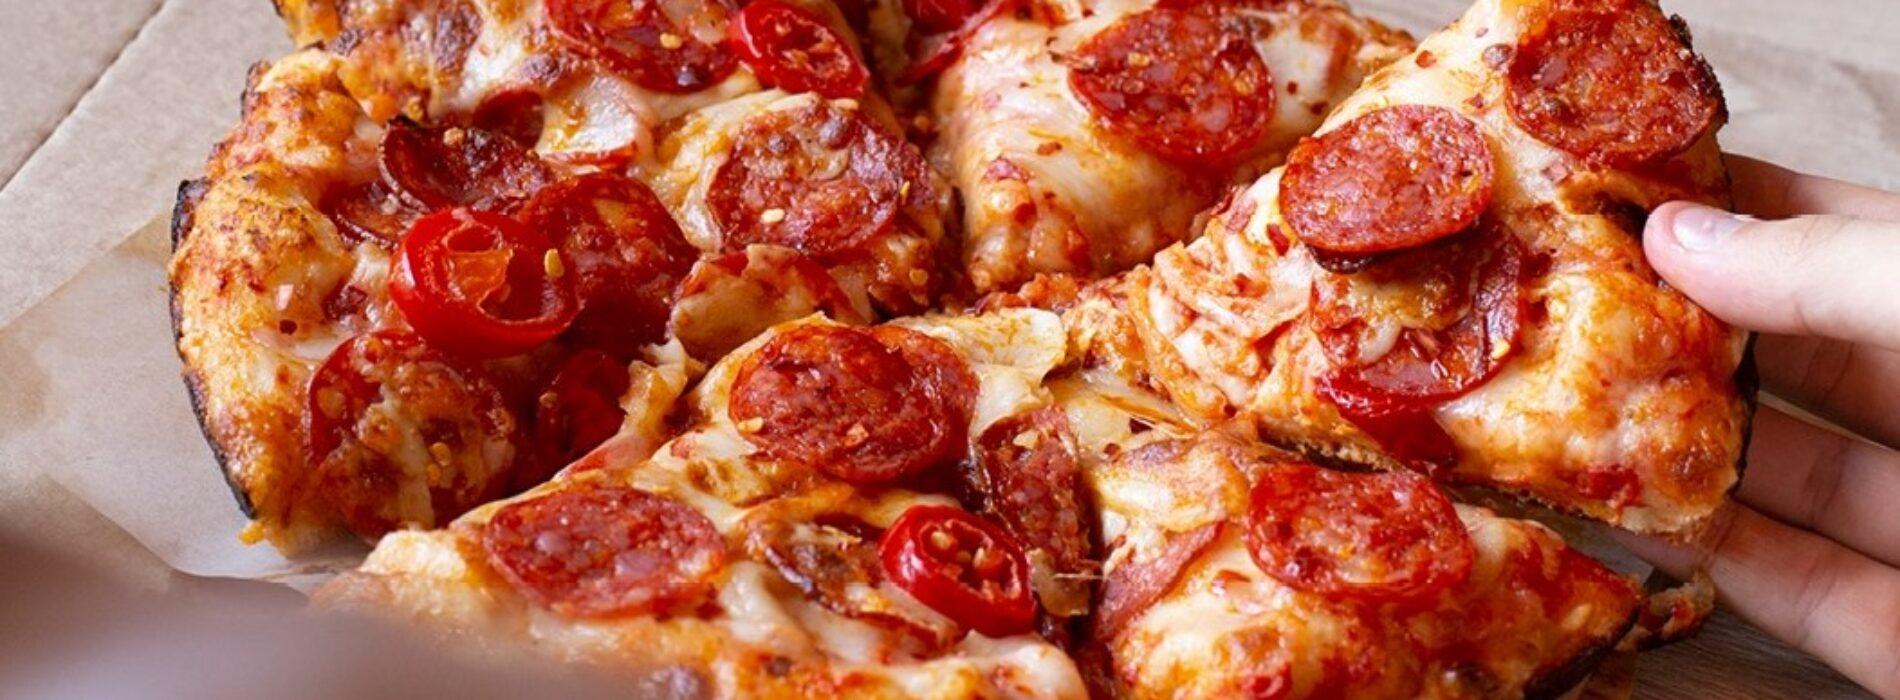 Domino's Pizza a Roma, prezzi stracciati e invasione in arrivo per le pizzerie made in Usa